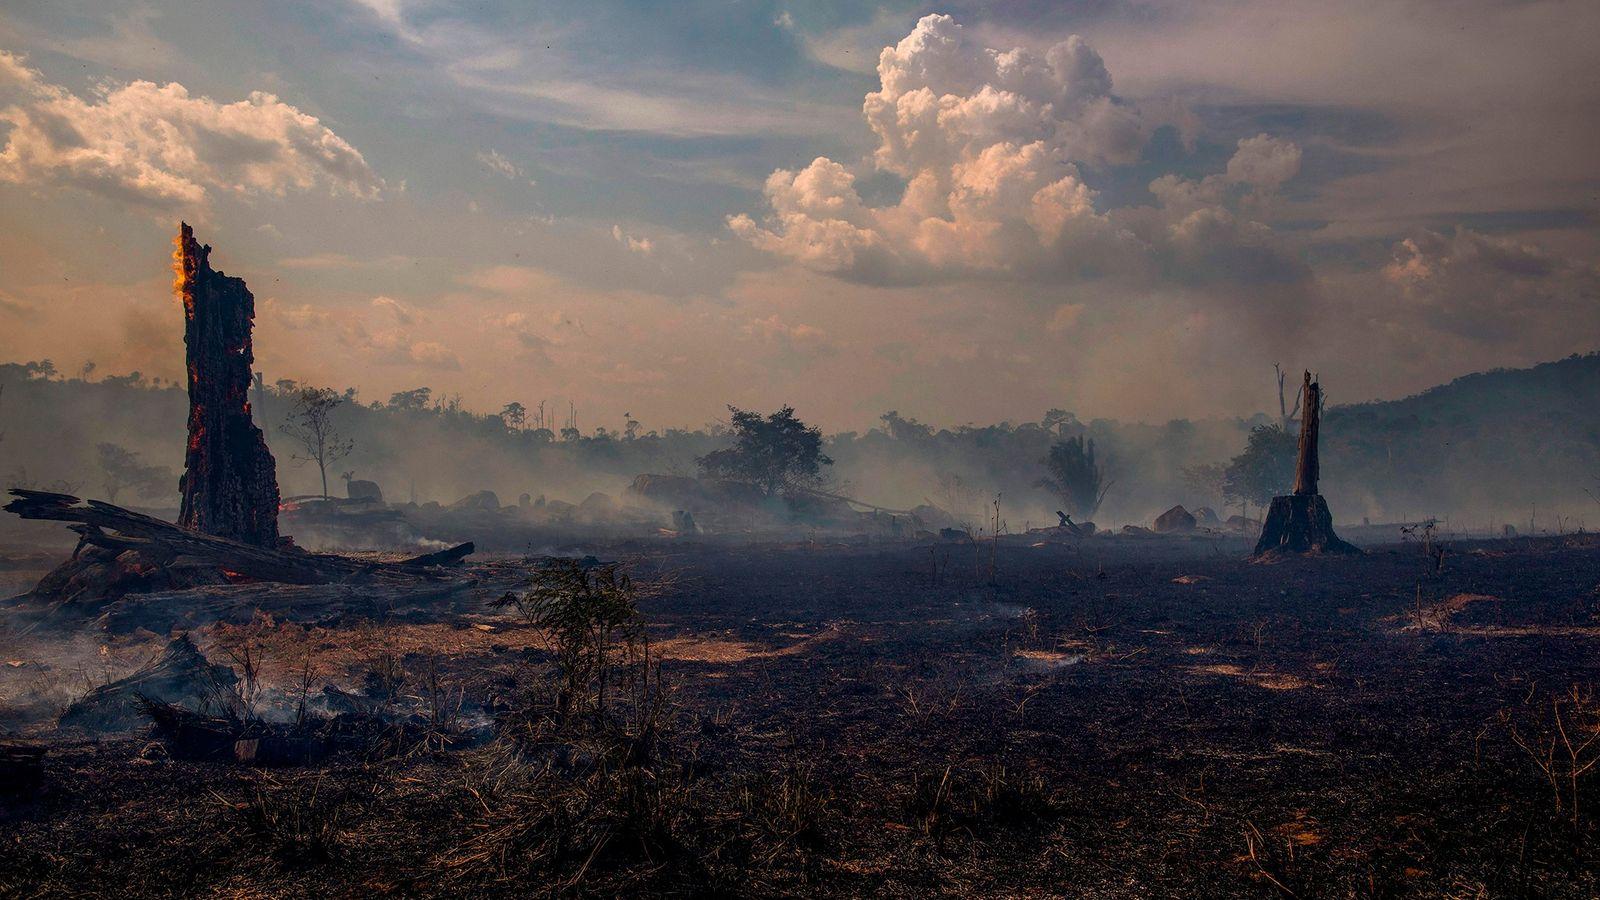 Une forêt brûlée de l'état de Para, au Brésil, dans le bassin amazonien, le 27 août 2019. Les ...